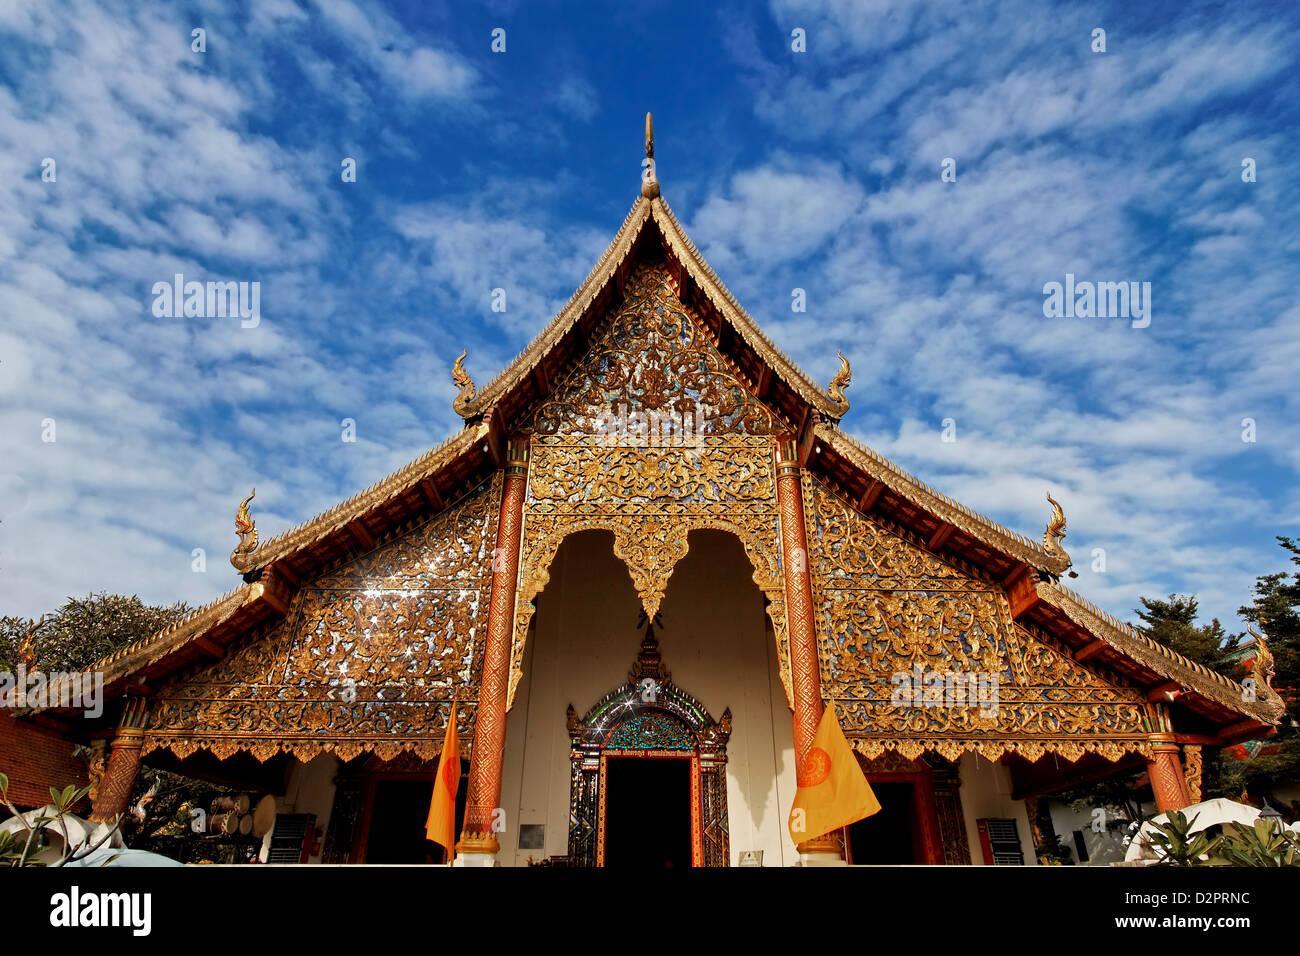 Ubosot of Wat Chiang Man / Chiang Mai / Thailand - Stock Image